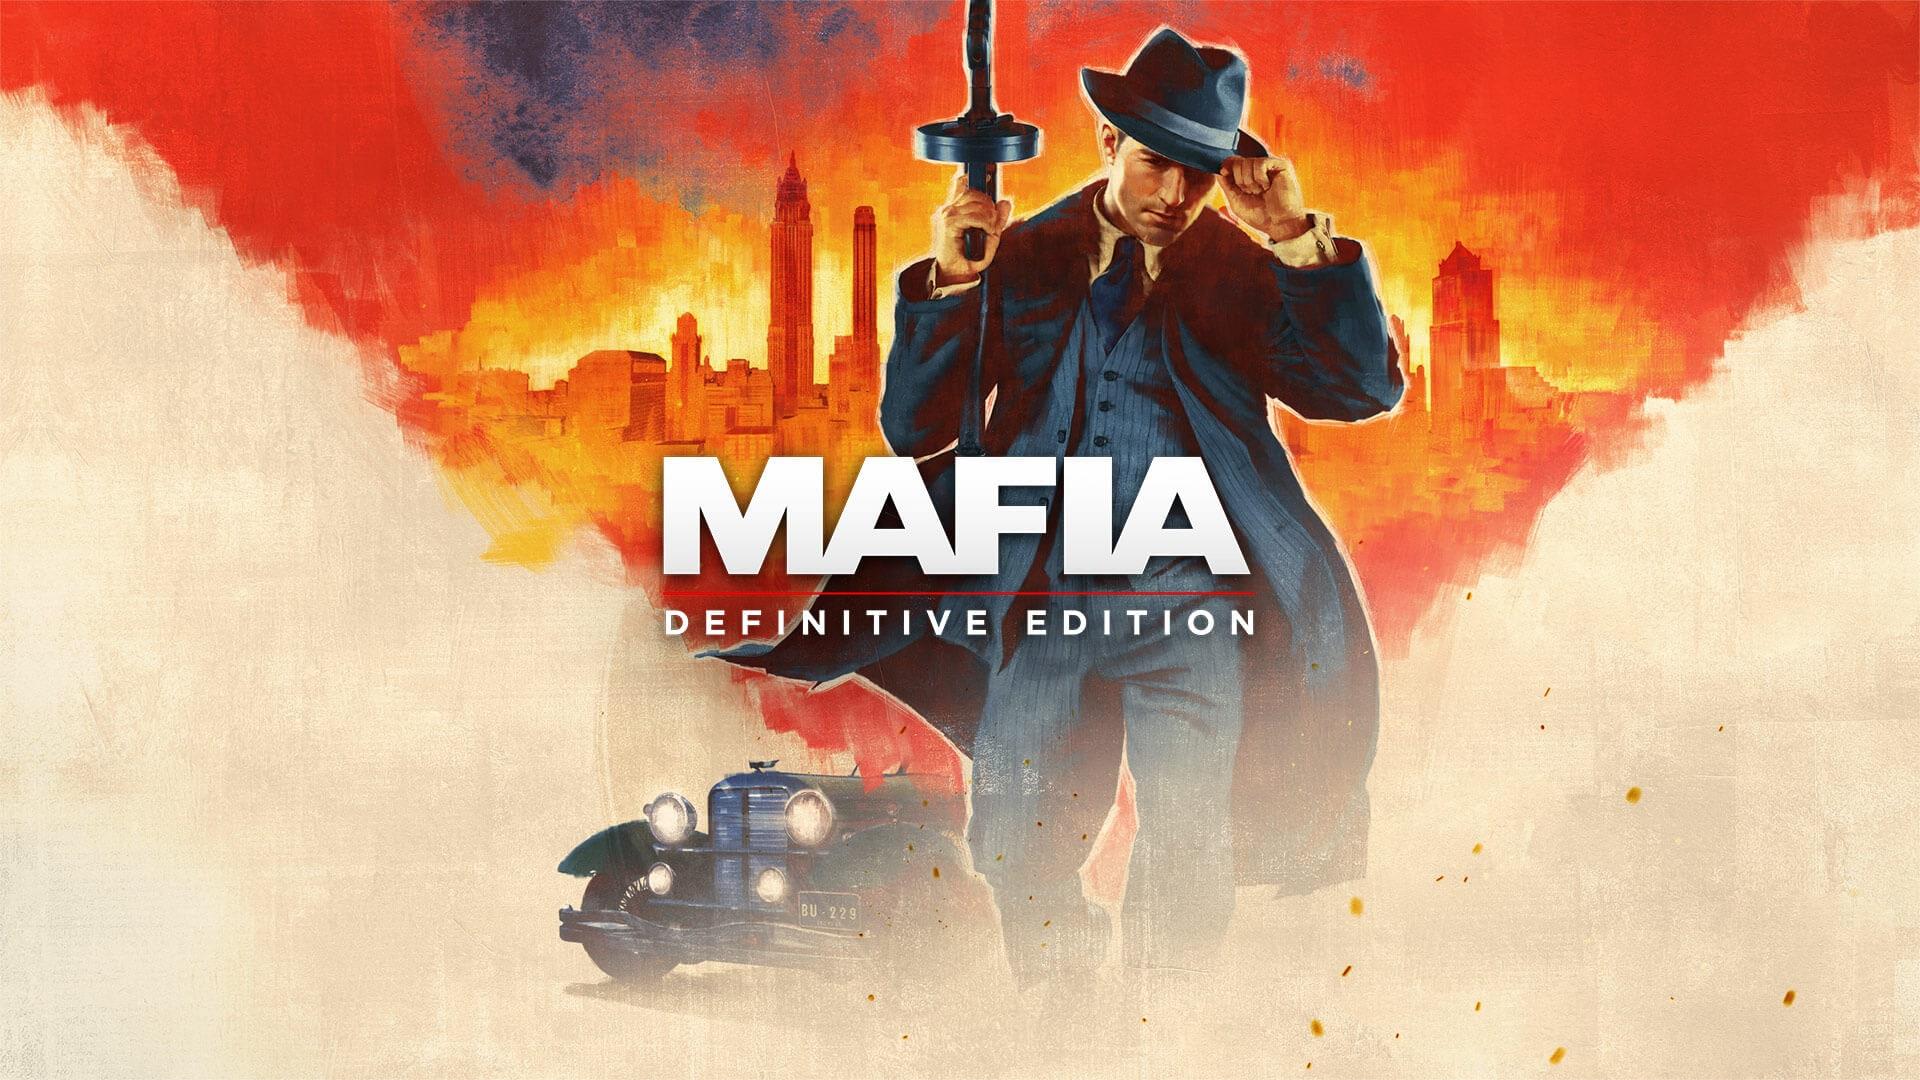 Diesel productv2 mafia definitive edition home EGS MafiaDefinitiveEditionPreOrder Hangar13 G1A 00